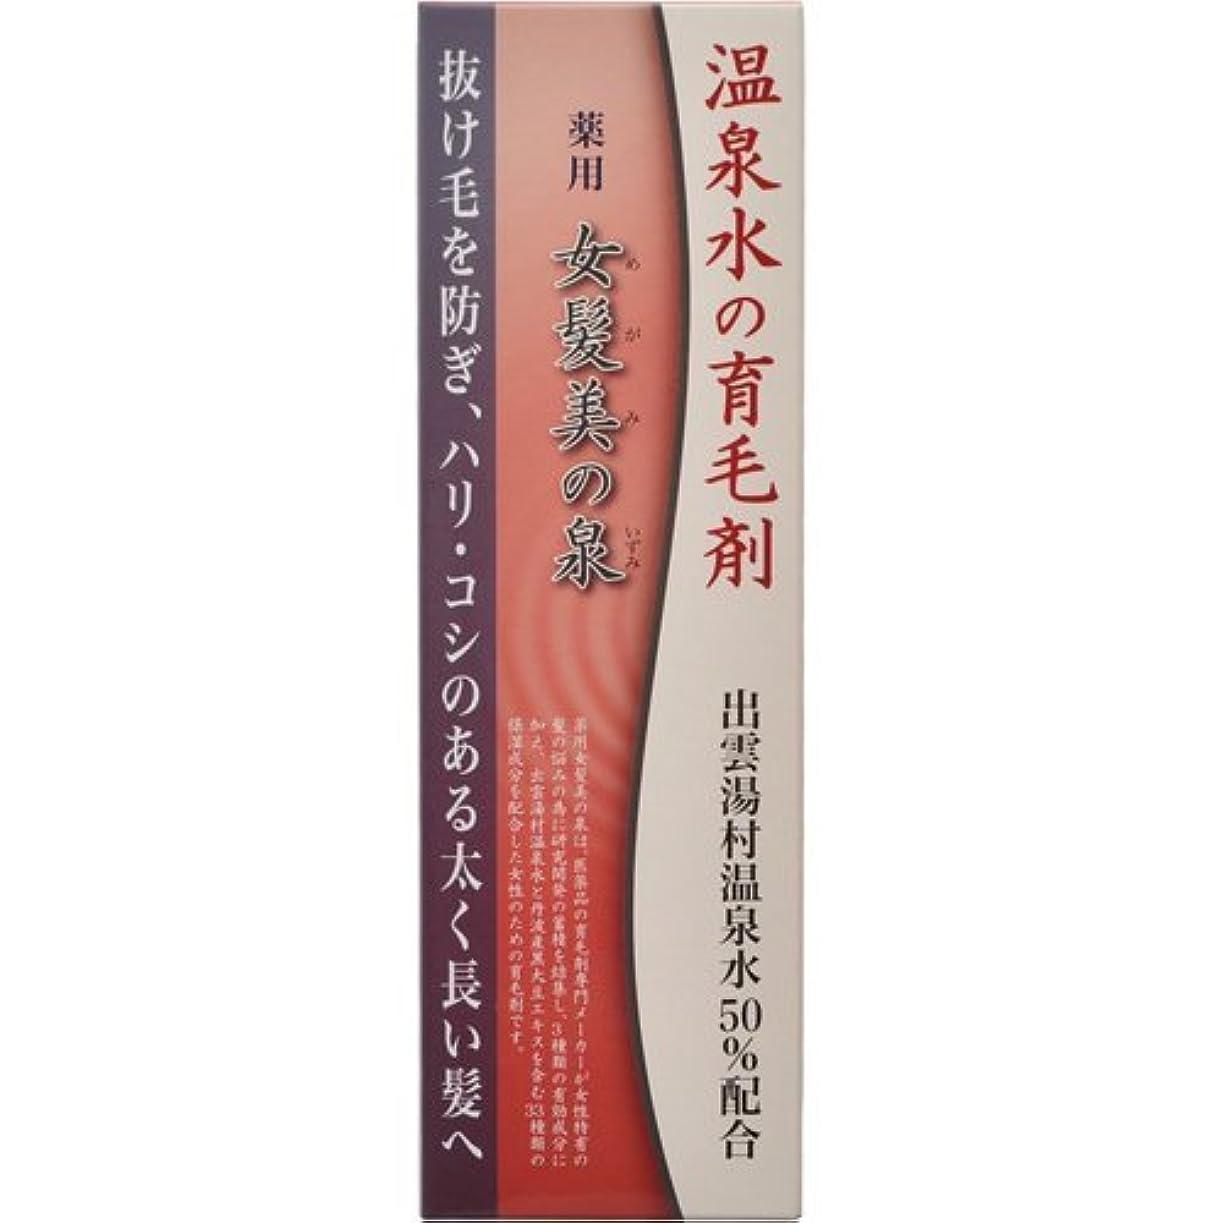 ガイド着飾る知覚する田村治照堂 女髪美の泉 150mL